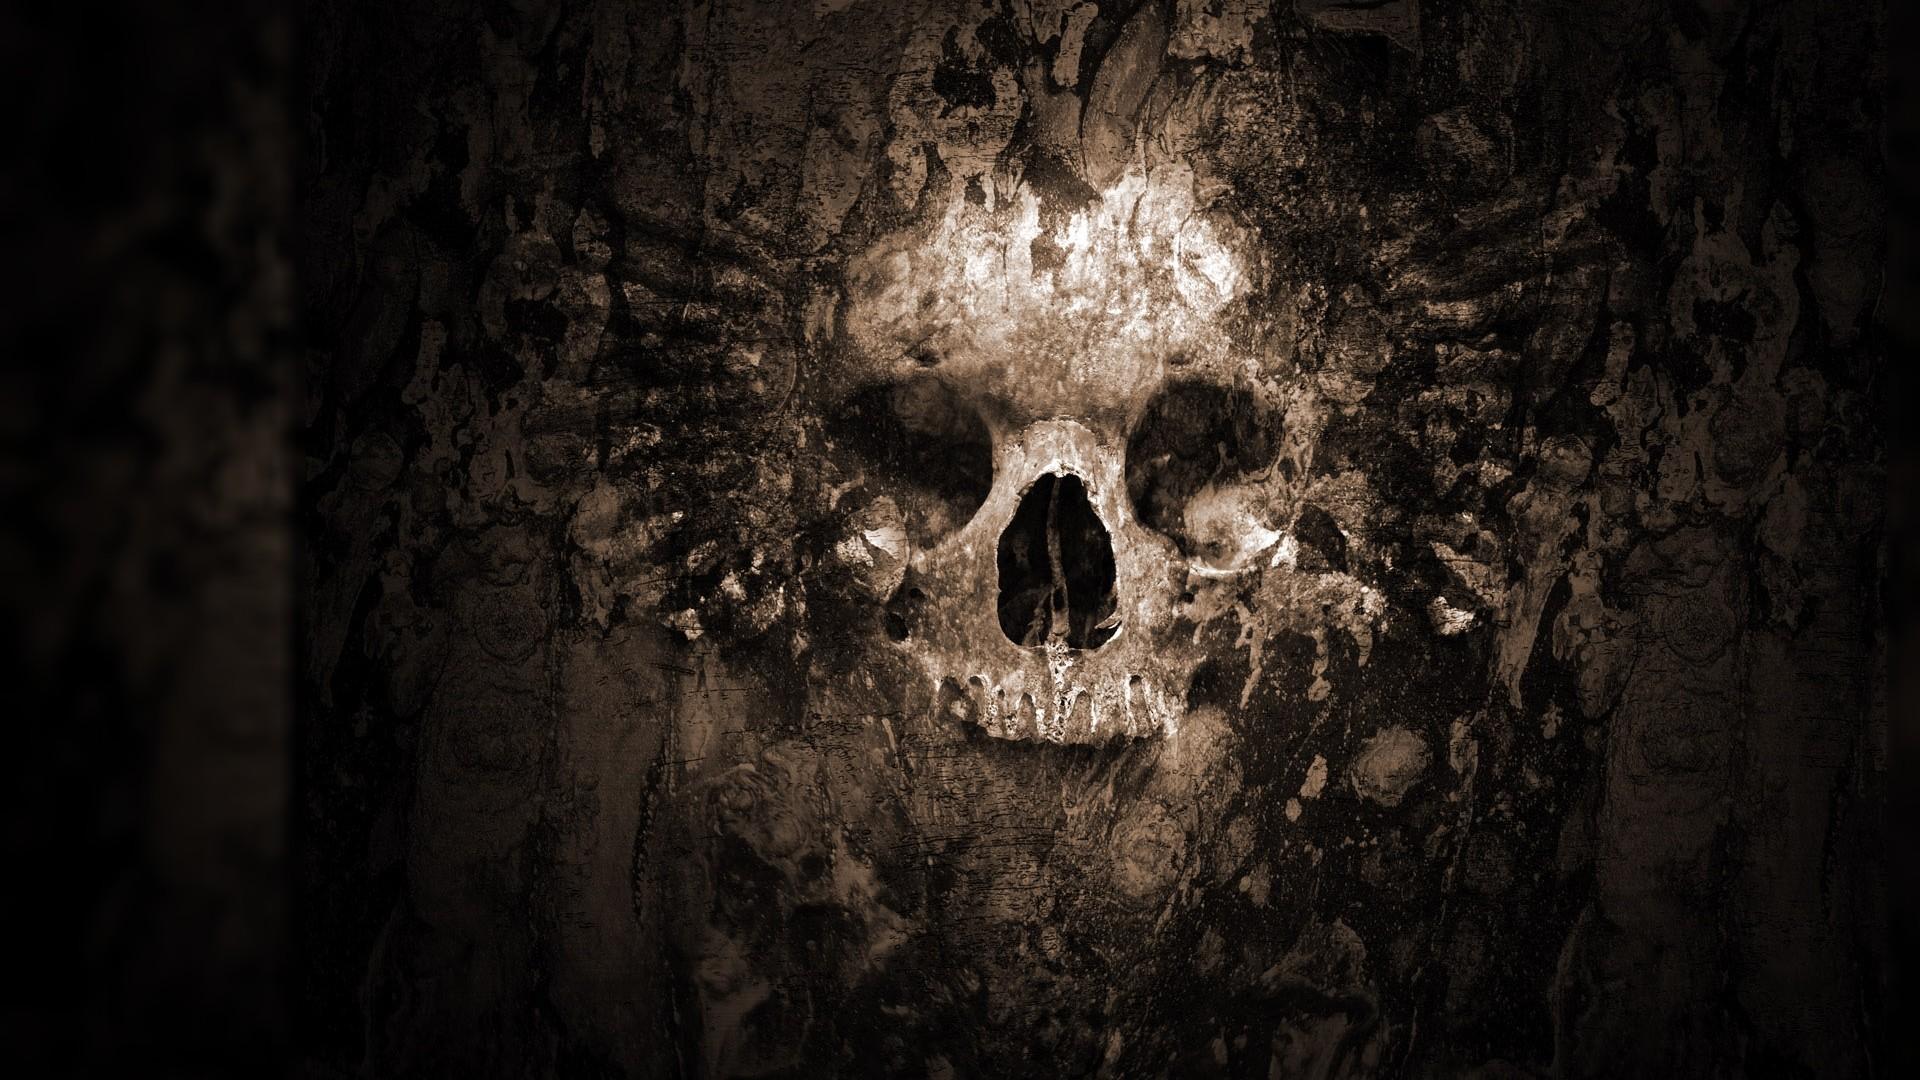 Desktop Halloween Scary Wallpaper 72 Images